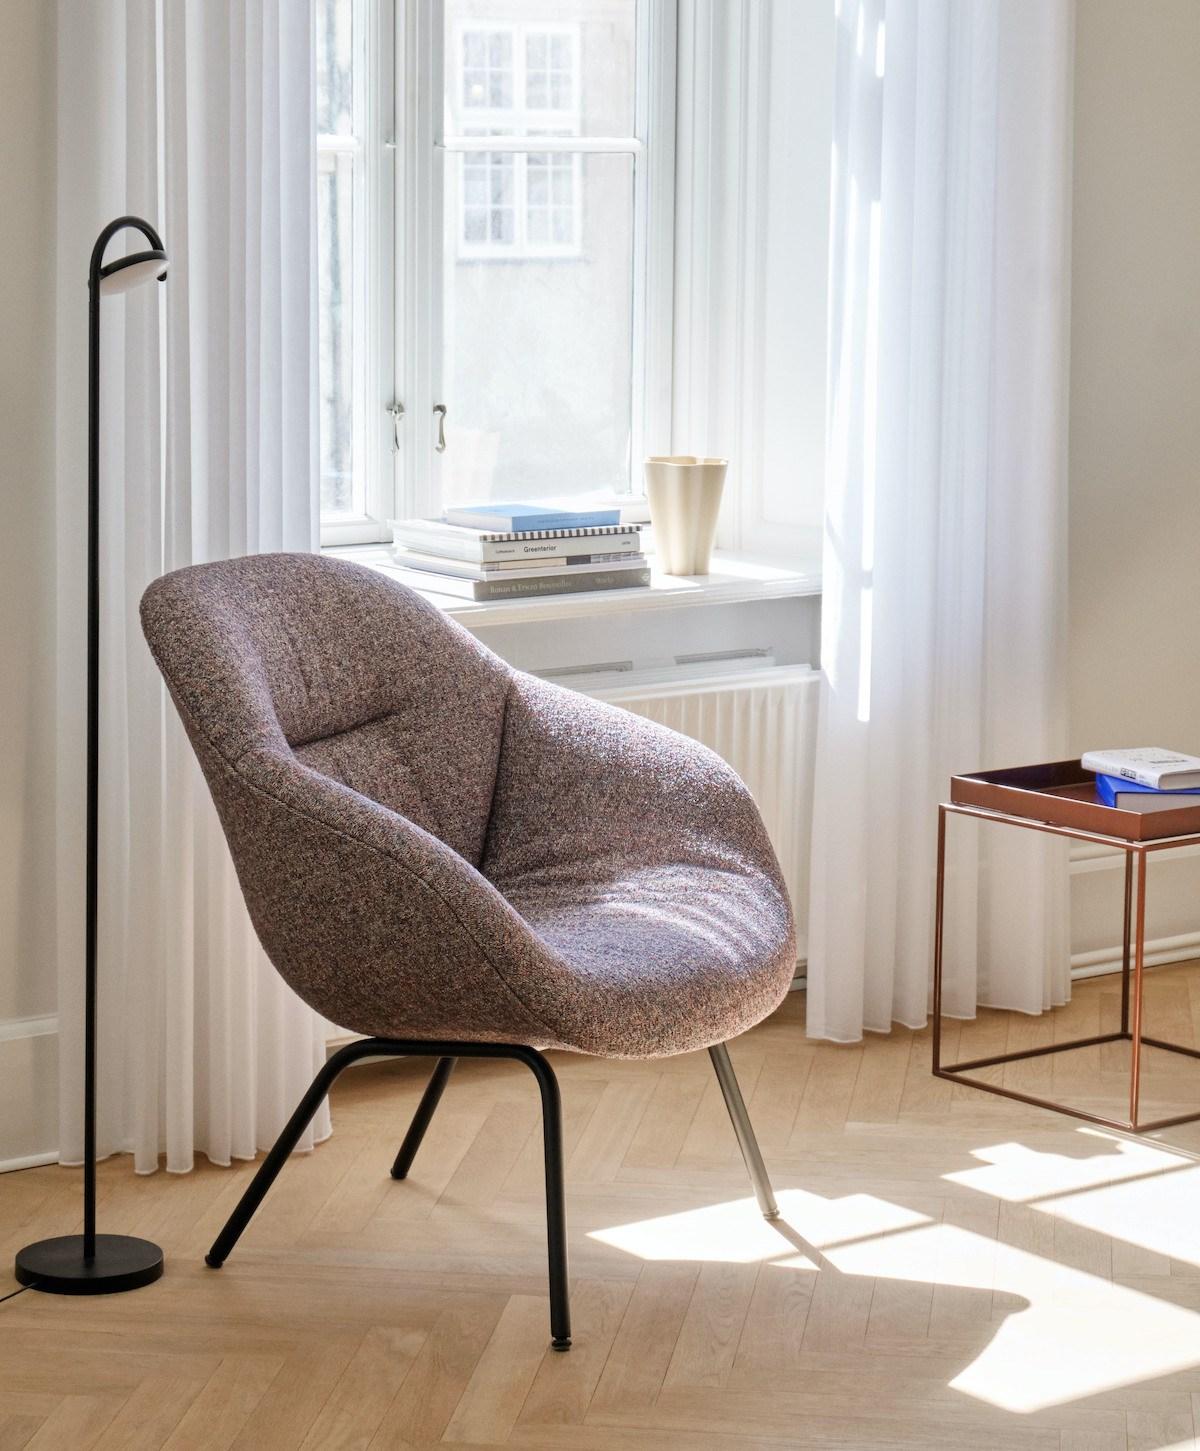 AAL Loungechair von HAY am Fenster stehend